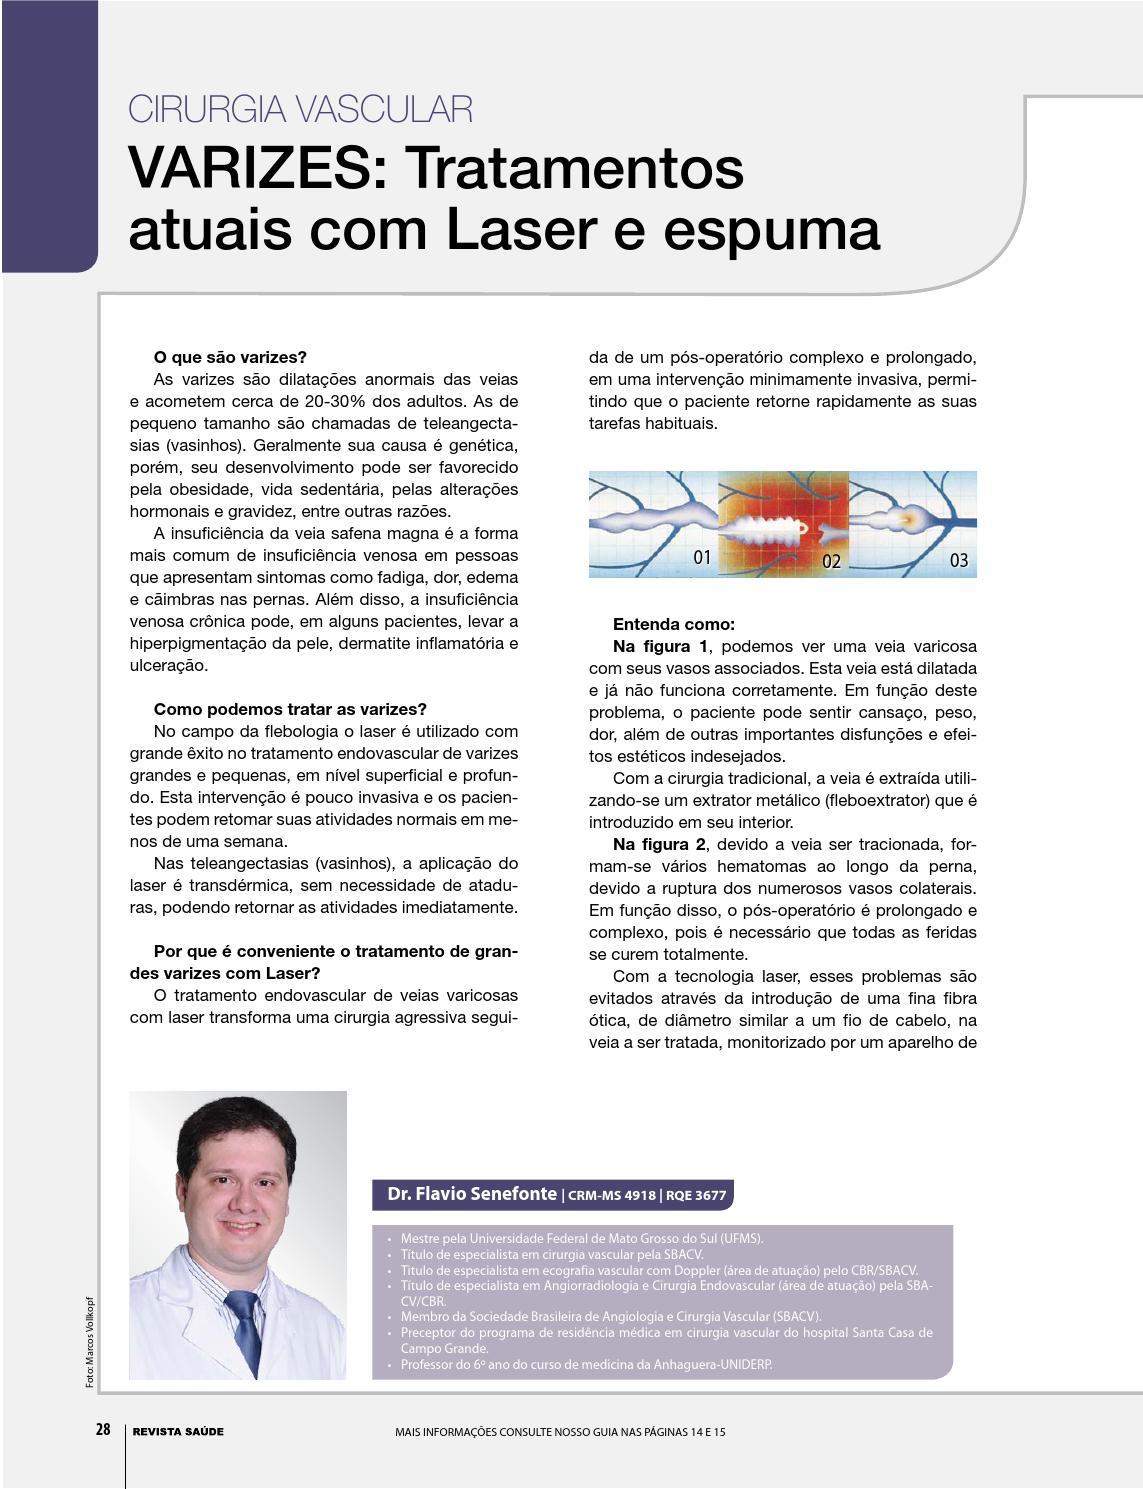 Revista Saúde Campo Grande MS - Edição 4 - 06 2013 by Revista Saúde - issuu d46e795676